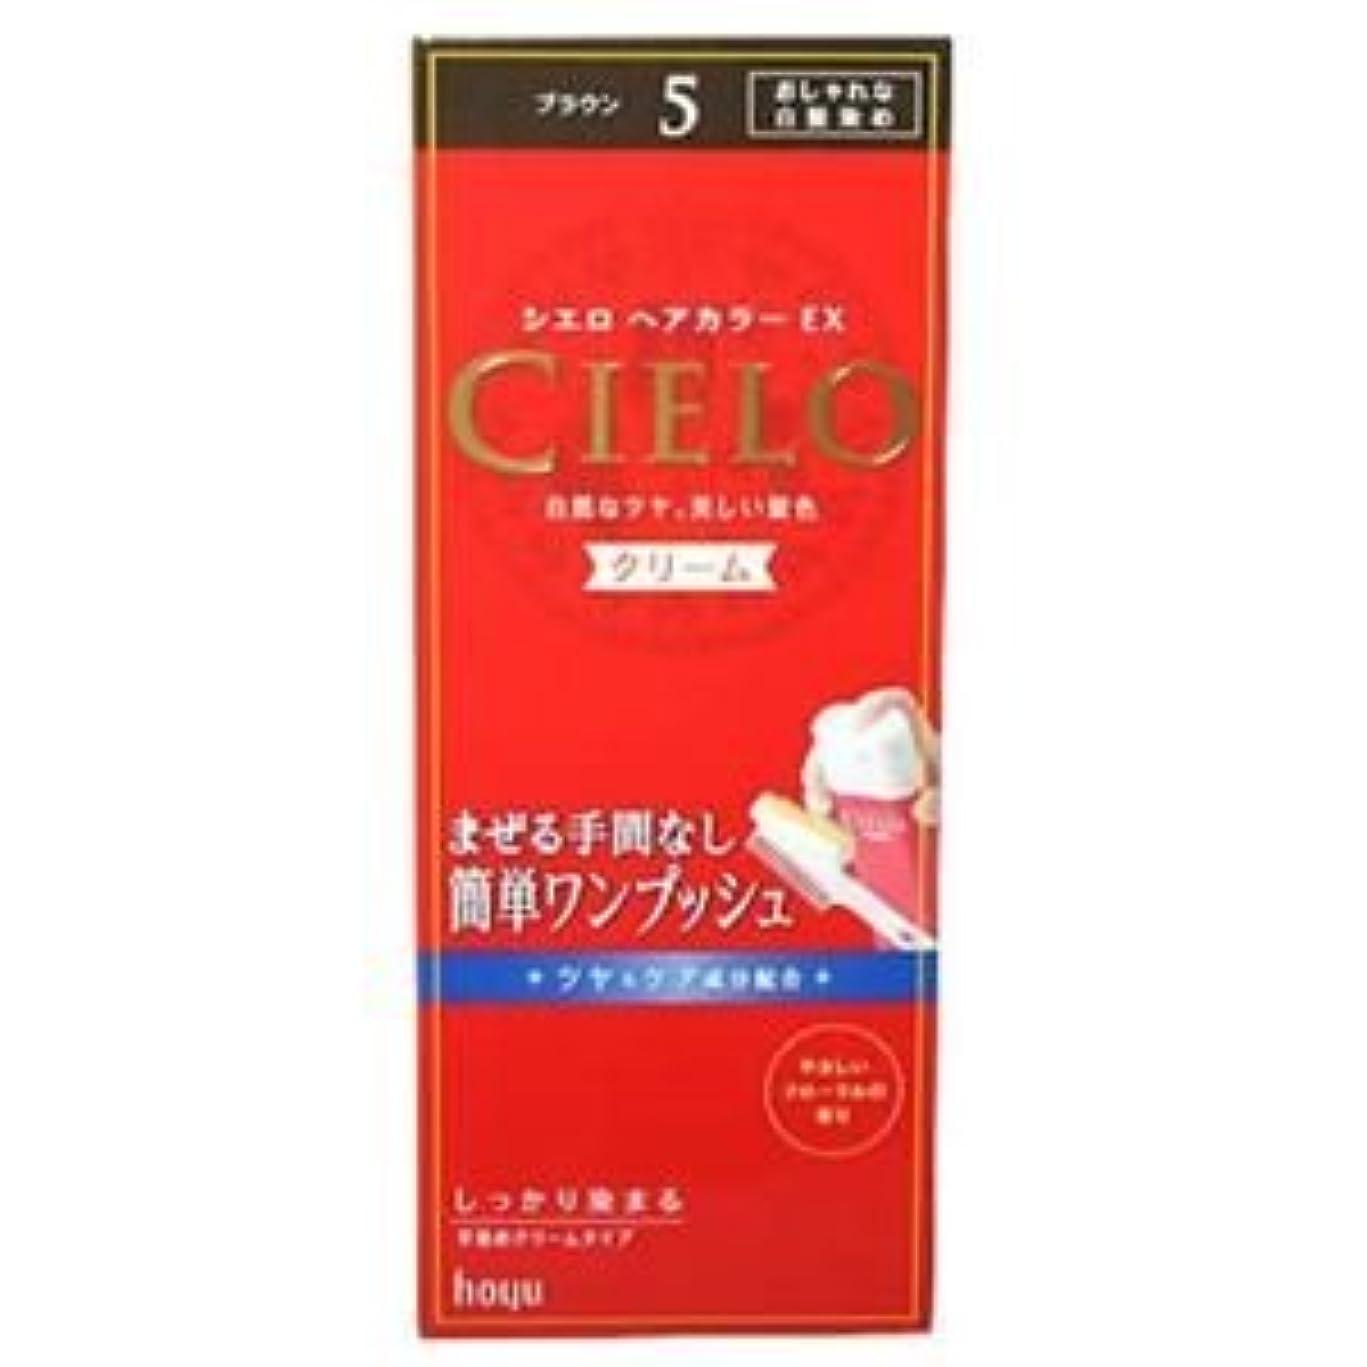 教養があるモチーフ保証金シエロ ヘアカラーEX クリーム5 (ブラウン) 7セット